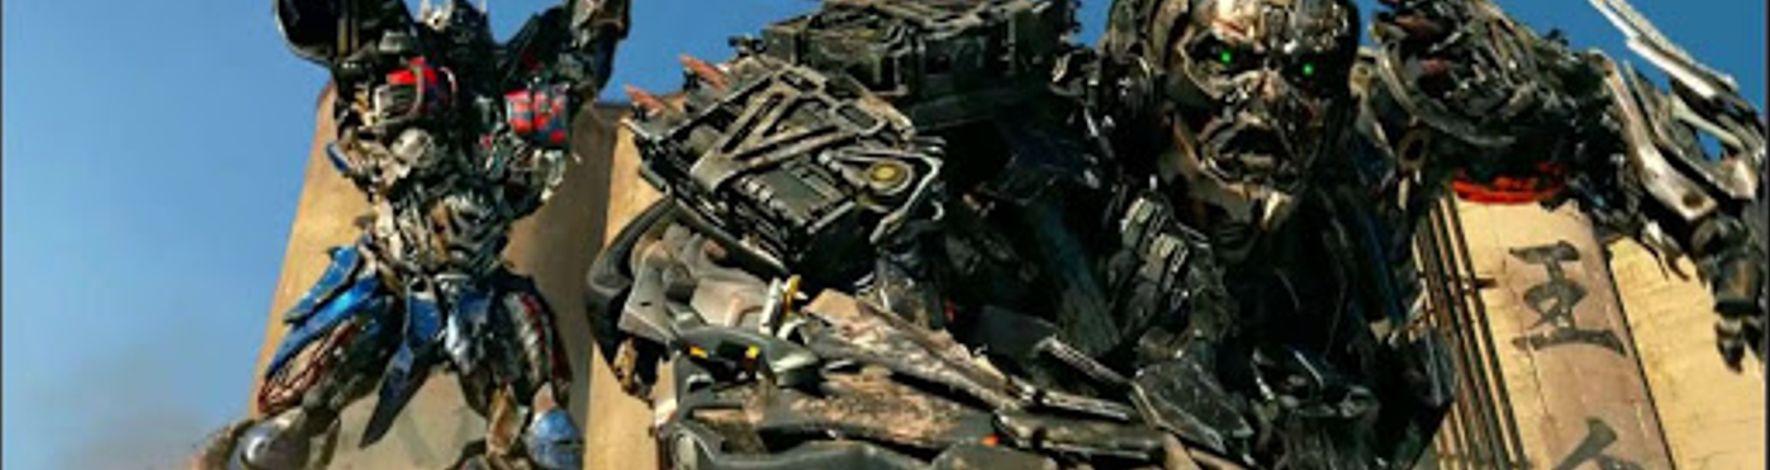 Transformers: vídeo exclusivo com Michael Bay